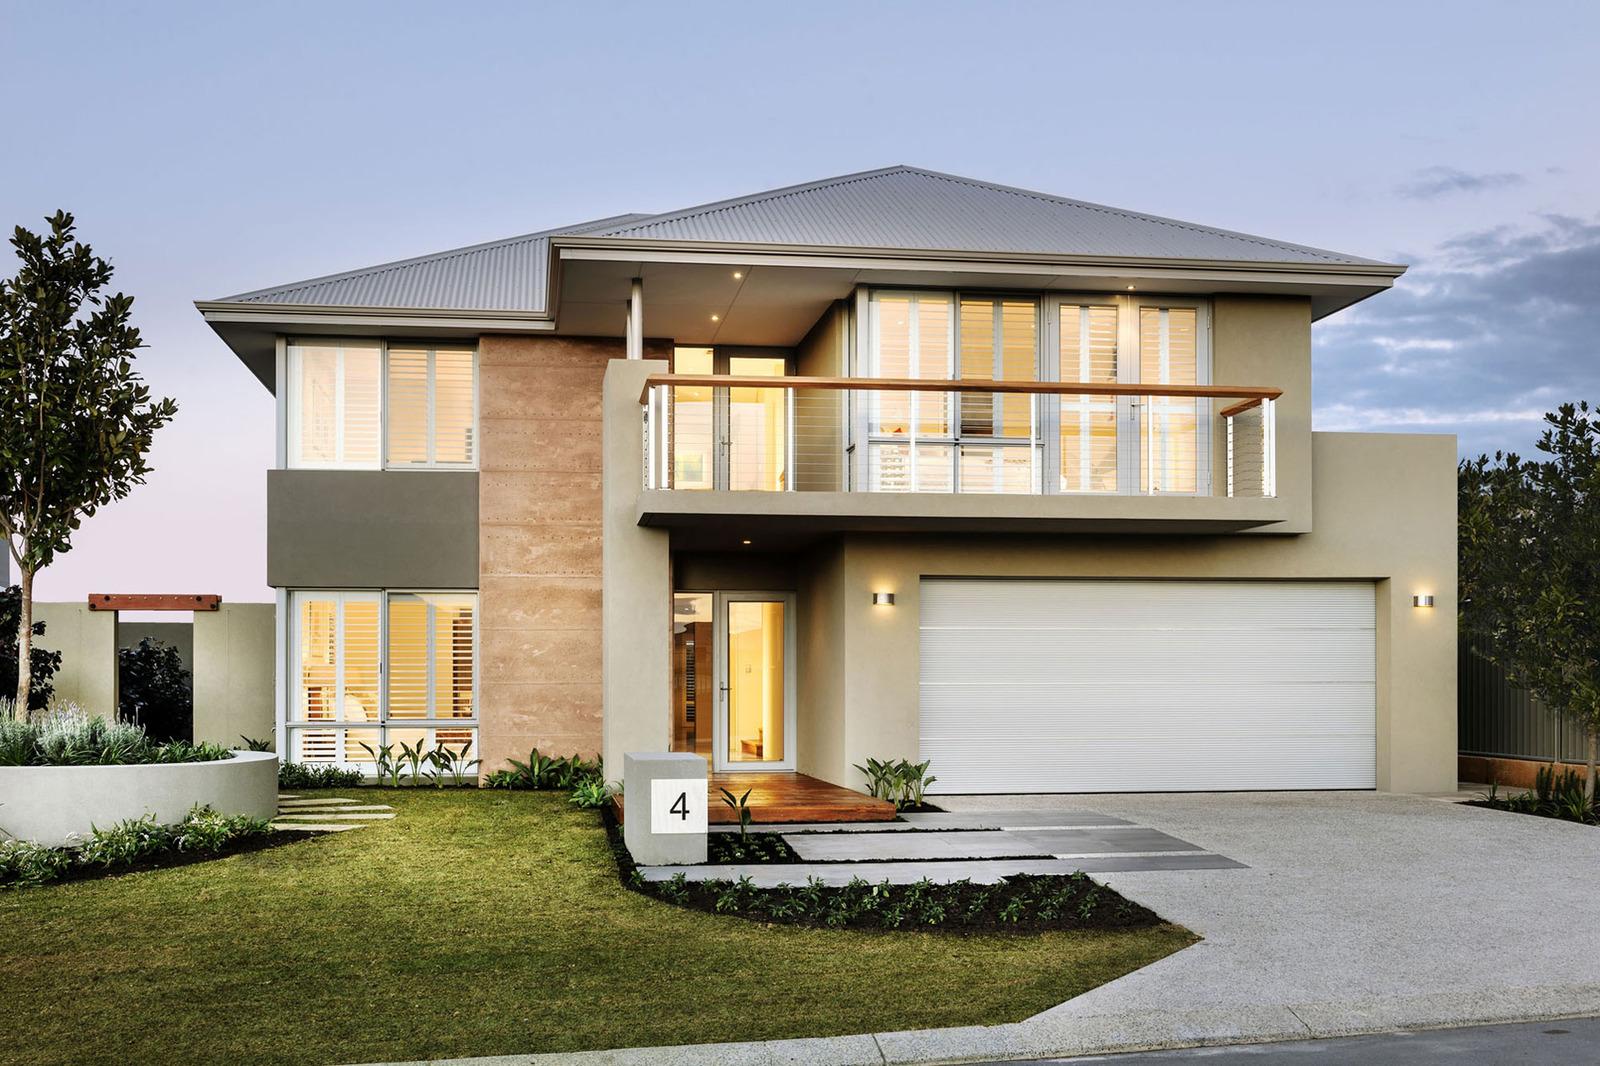 Super cozy elegant home combines craftsmanship with rustic - Ver casas de lujo por dentro ...